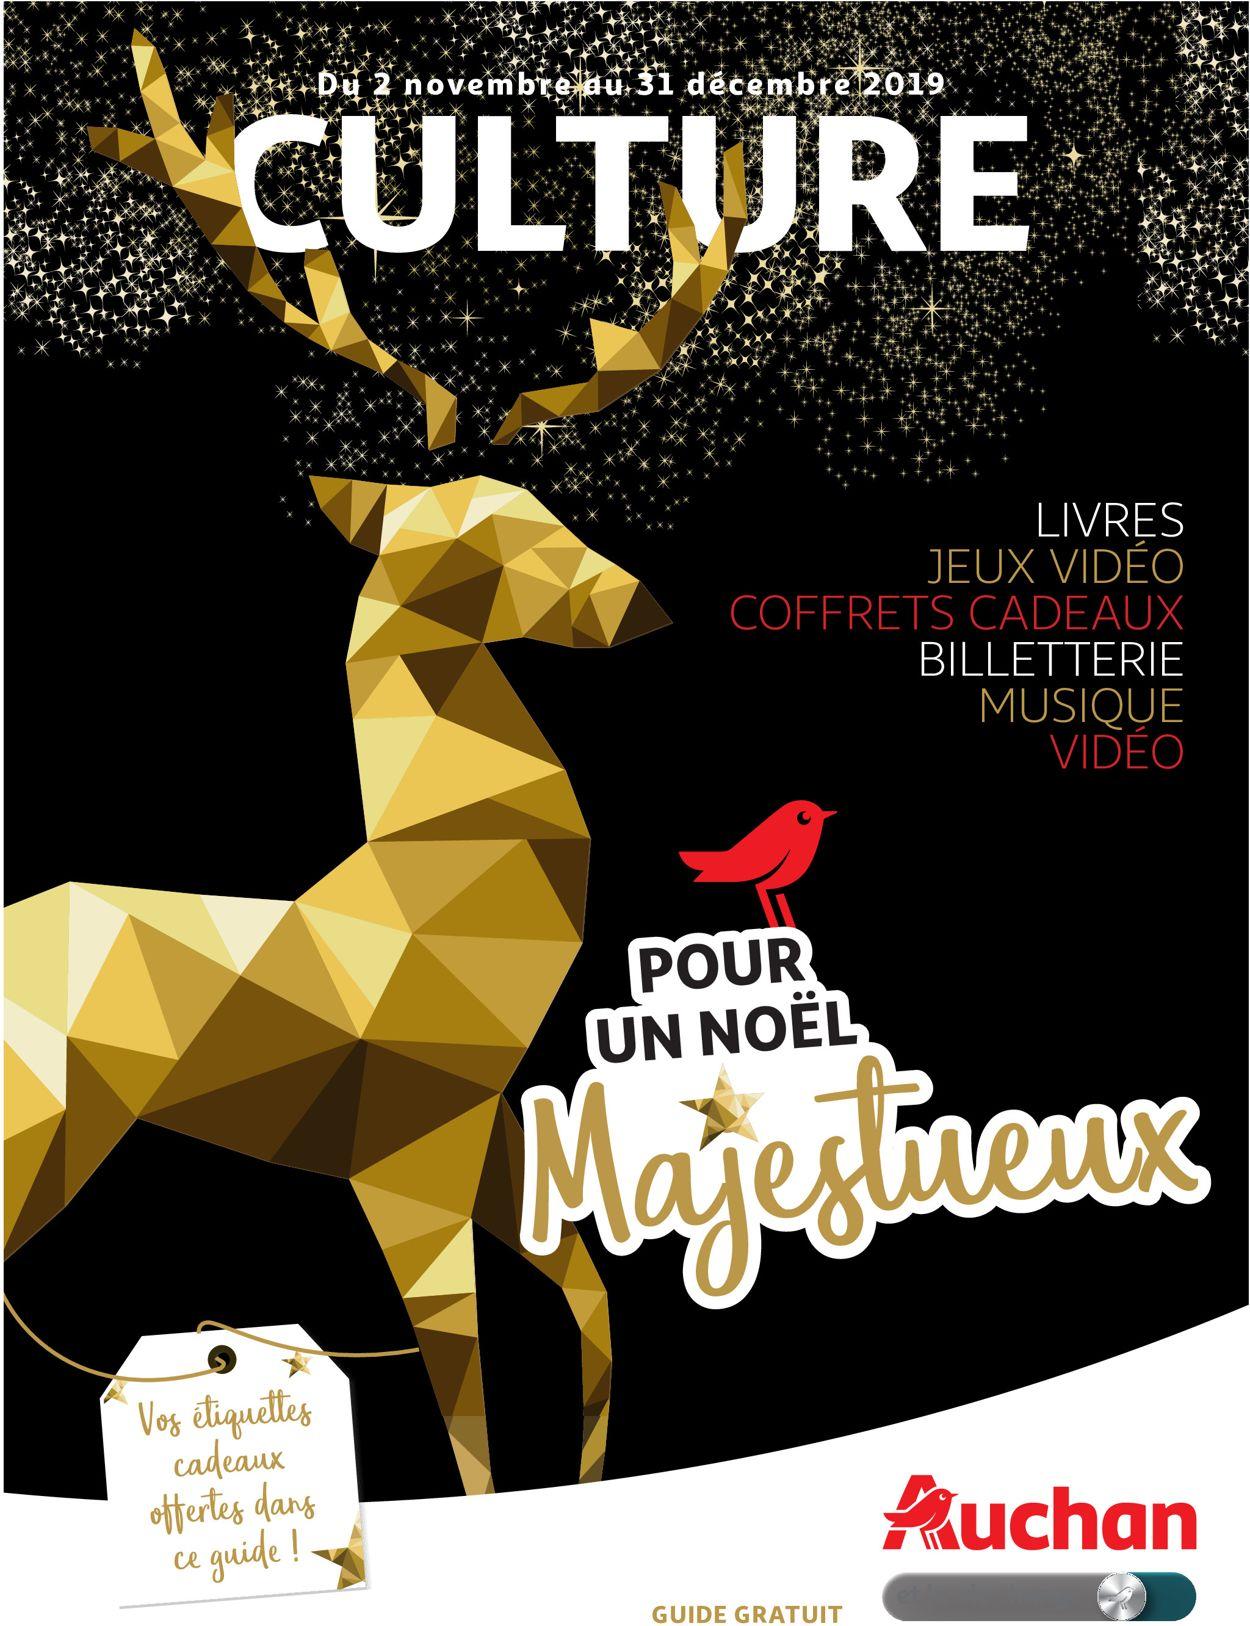 Auchan catalogue de Noël 2019 Catalogue - 02.11-31.12.2019